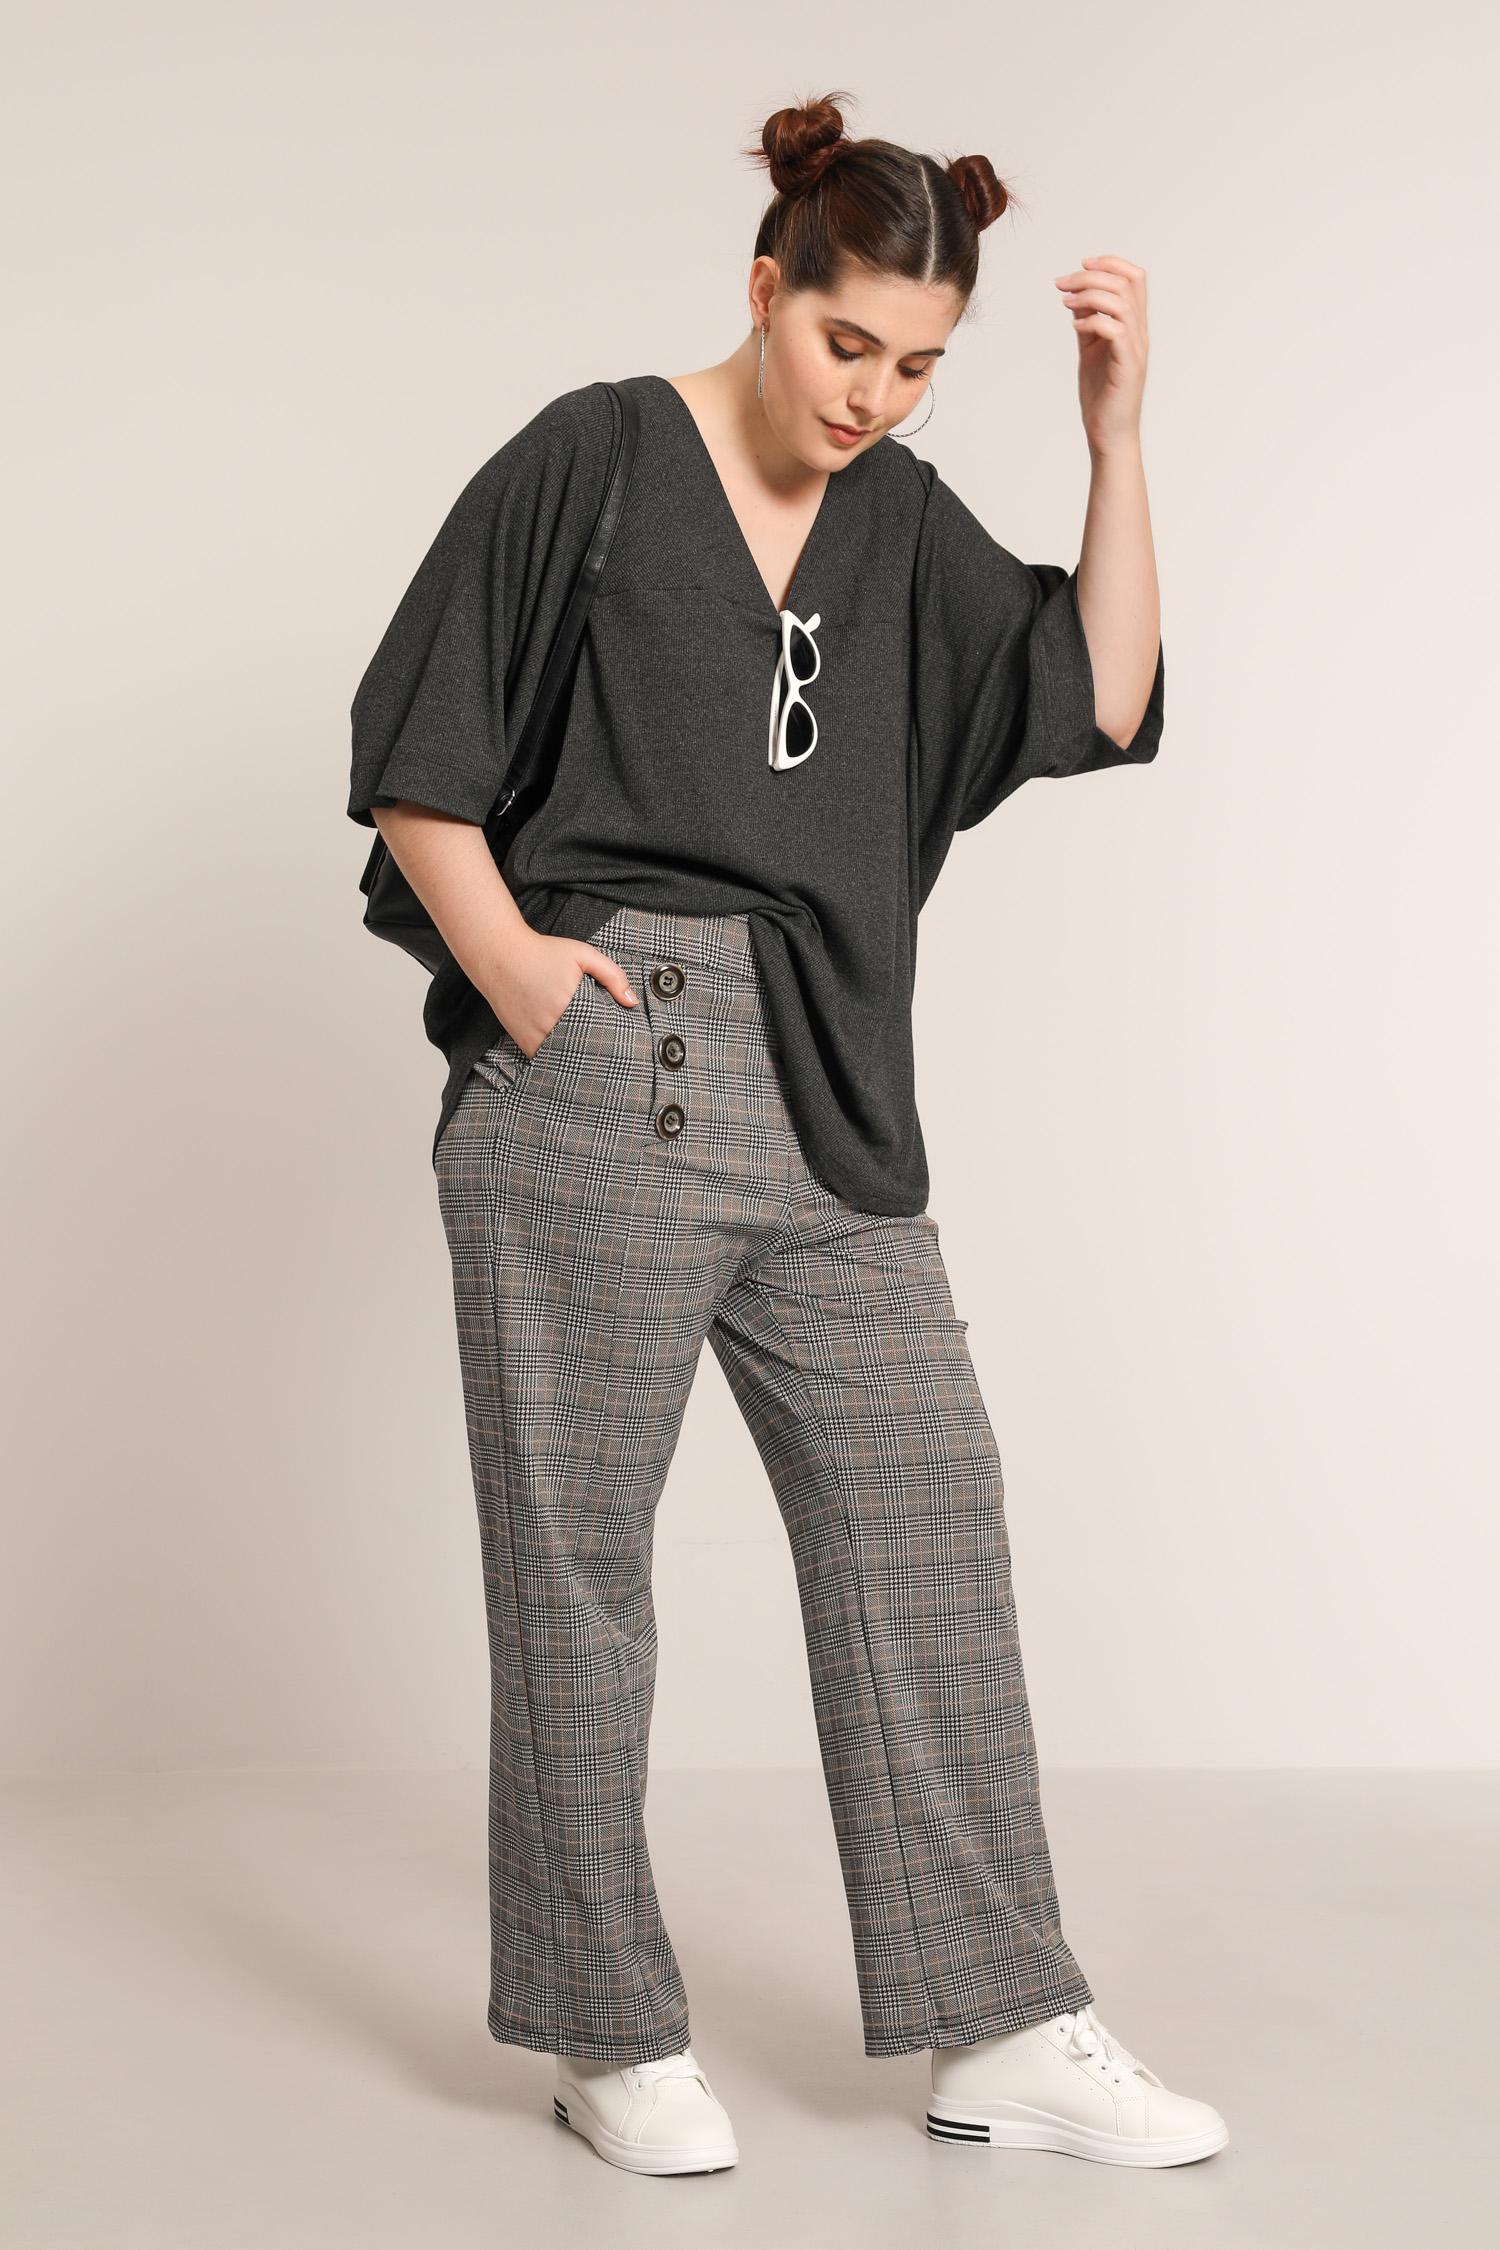 Checked mesh pants